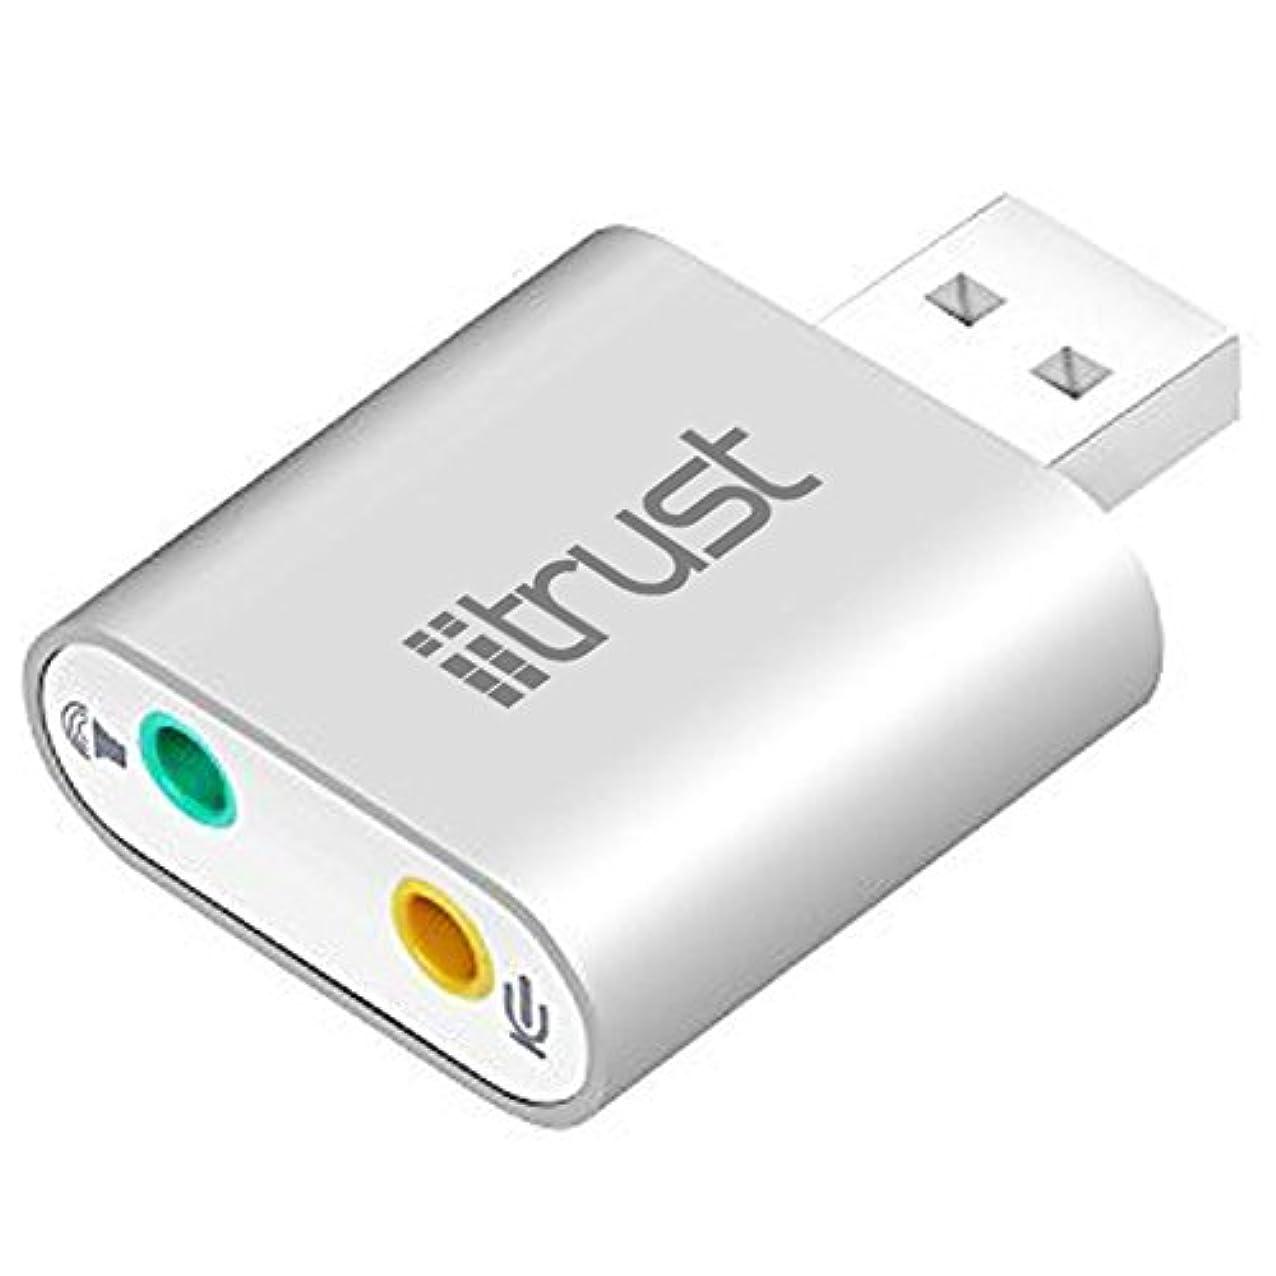 誤解させる重要はちみつiitrust USB オーディオ 変換アダプタ USB A to 3.5mmステレオミニプラグ(ヘッドホン+マイク)USB サウンド アダプター PS3/Windows 98/SE/ME/2000/XP/Server 2003/Vista/win7/win8/win10,Linux,MacOSなど対応可能 シルバー 日本語取扱説明書付き iitrust正規代理品